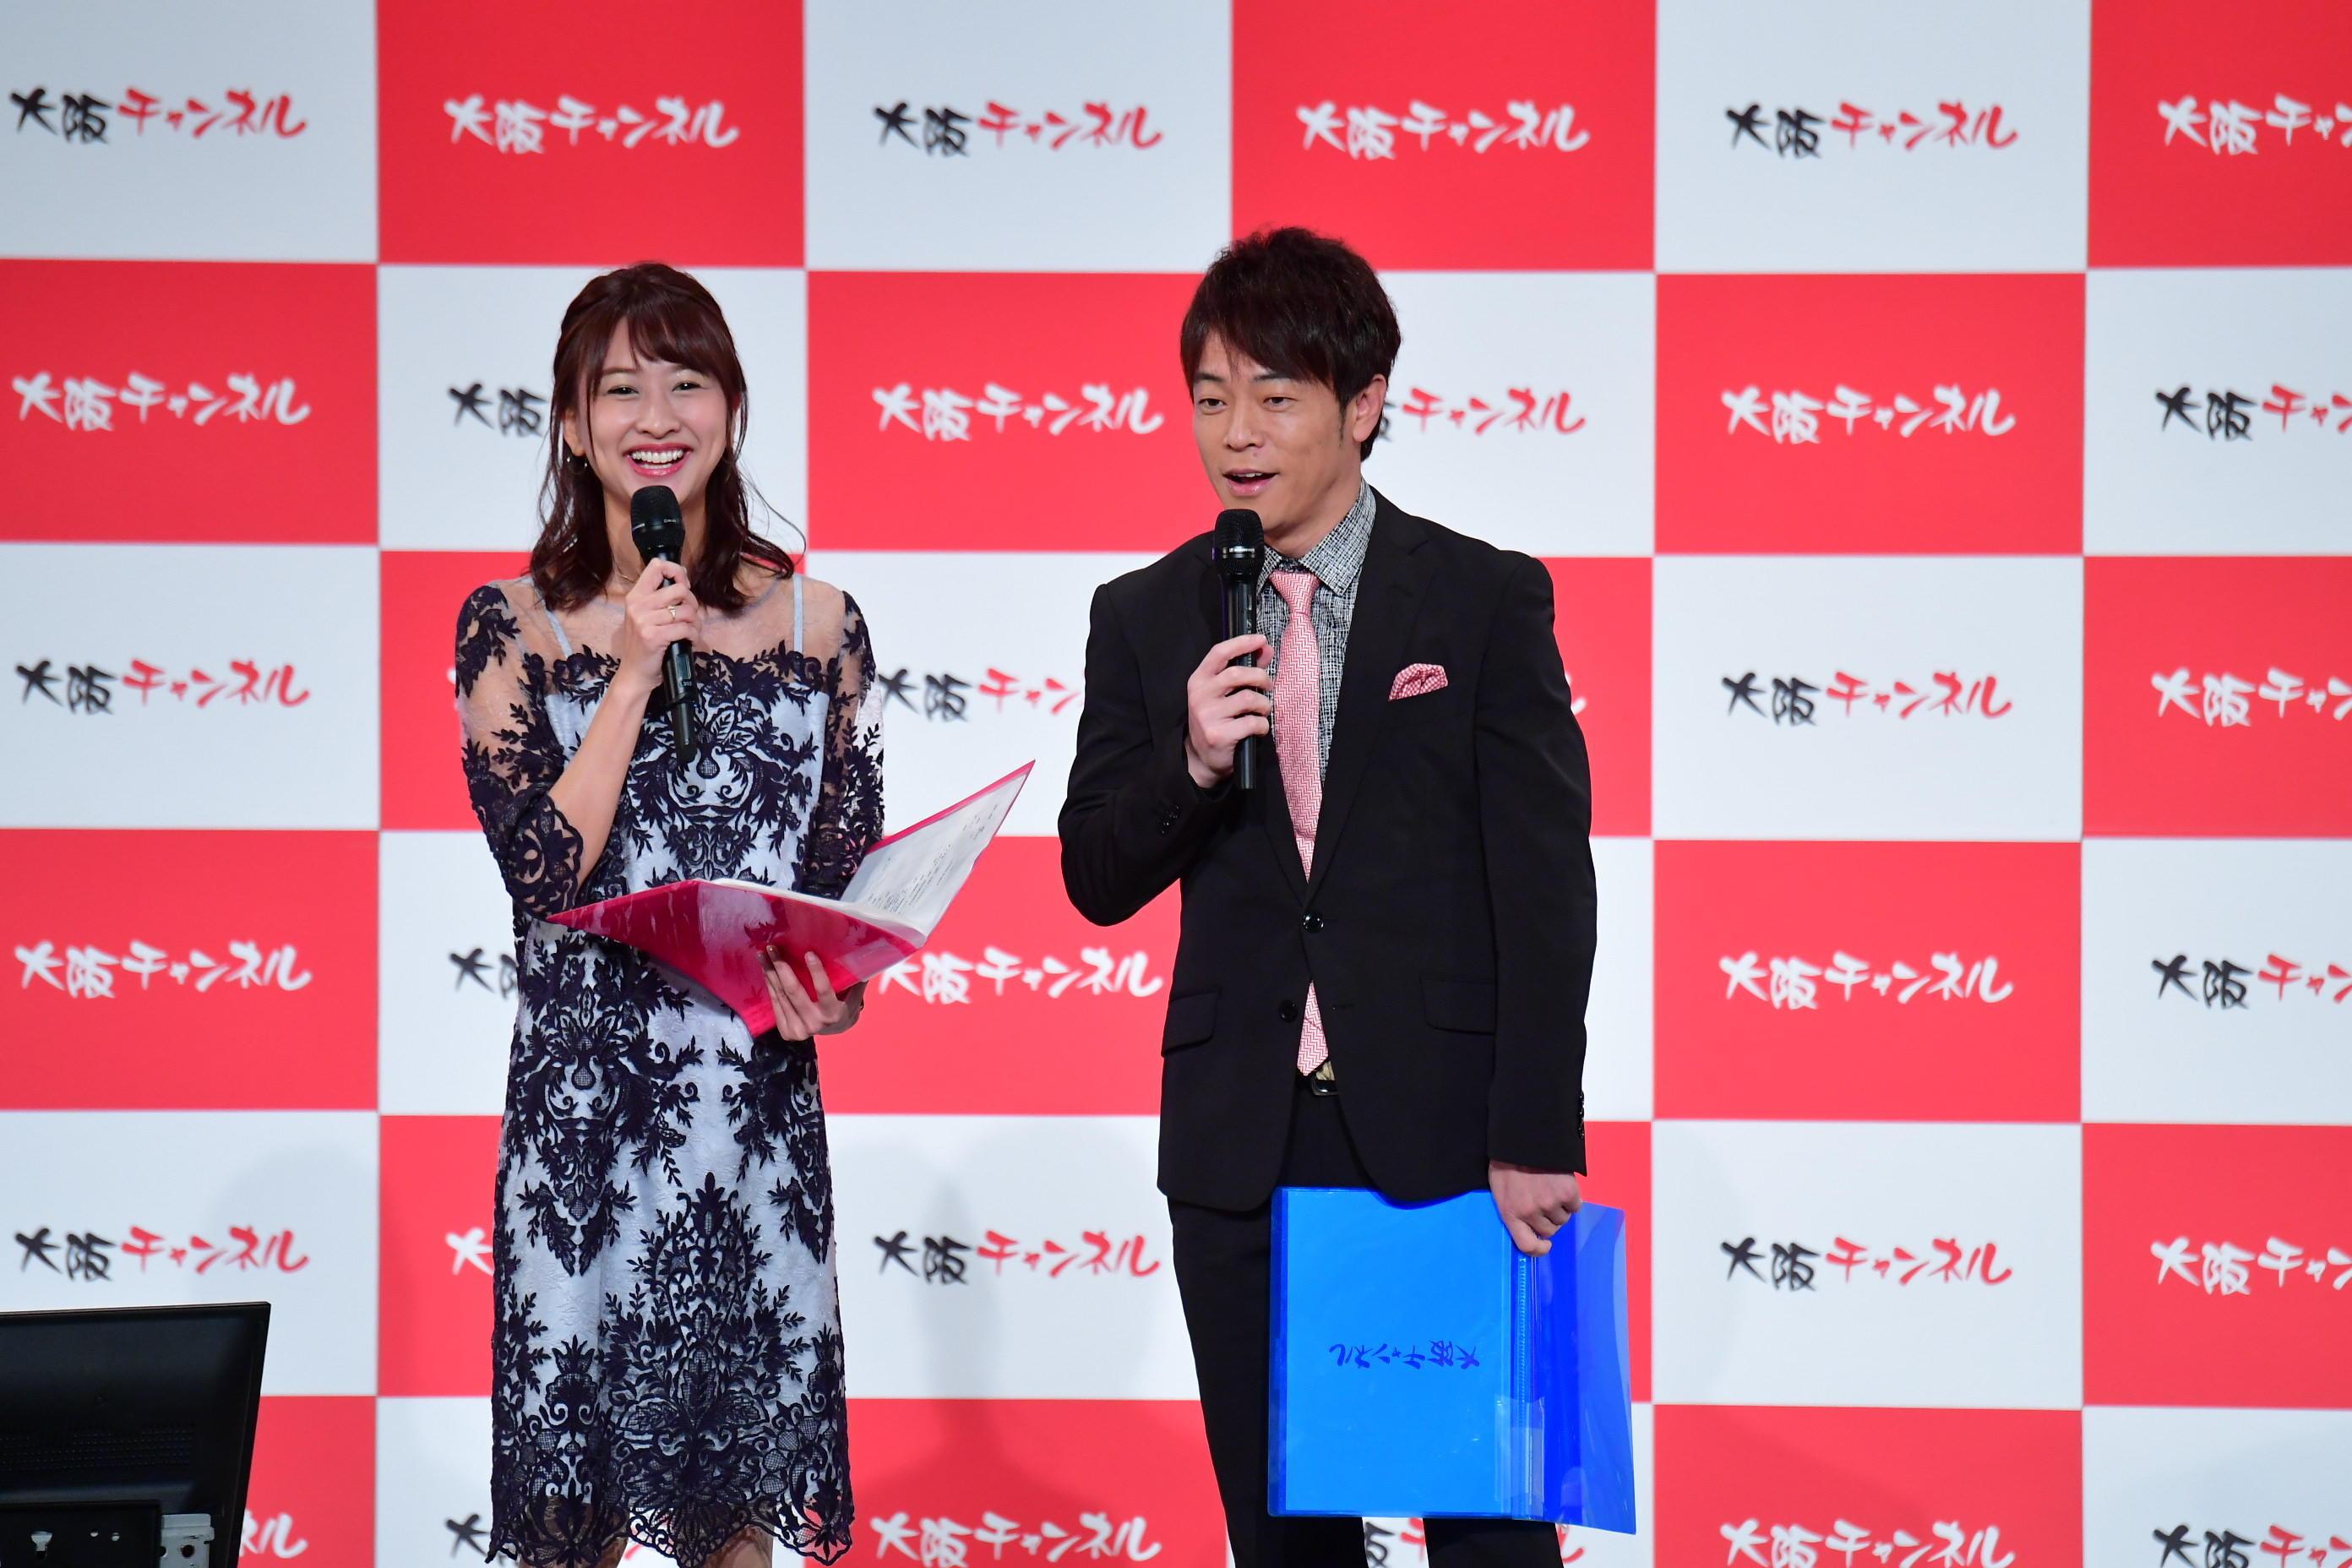 http://news.yoshimoto.co.jp/20180514224027-01b0a10ede87ef90b94f4f0cf5ead8ec9117a4b3.jpg